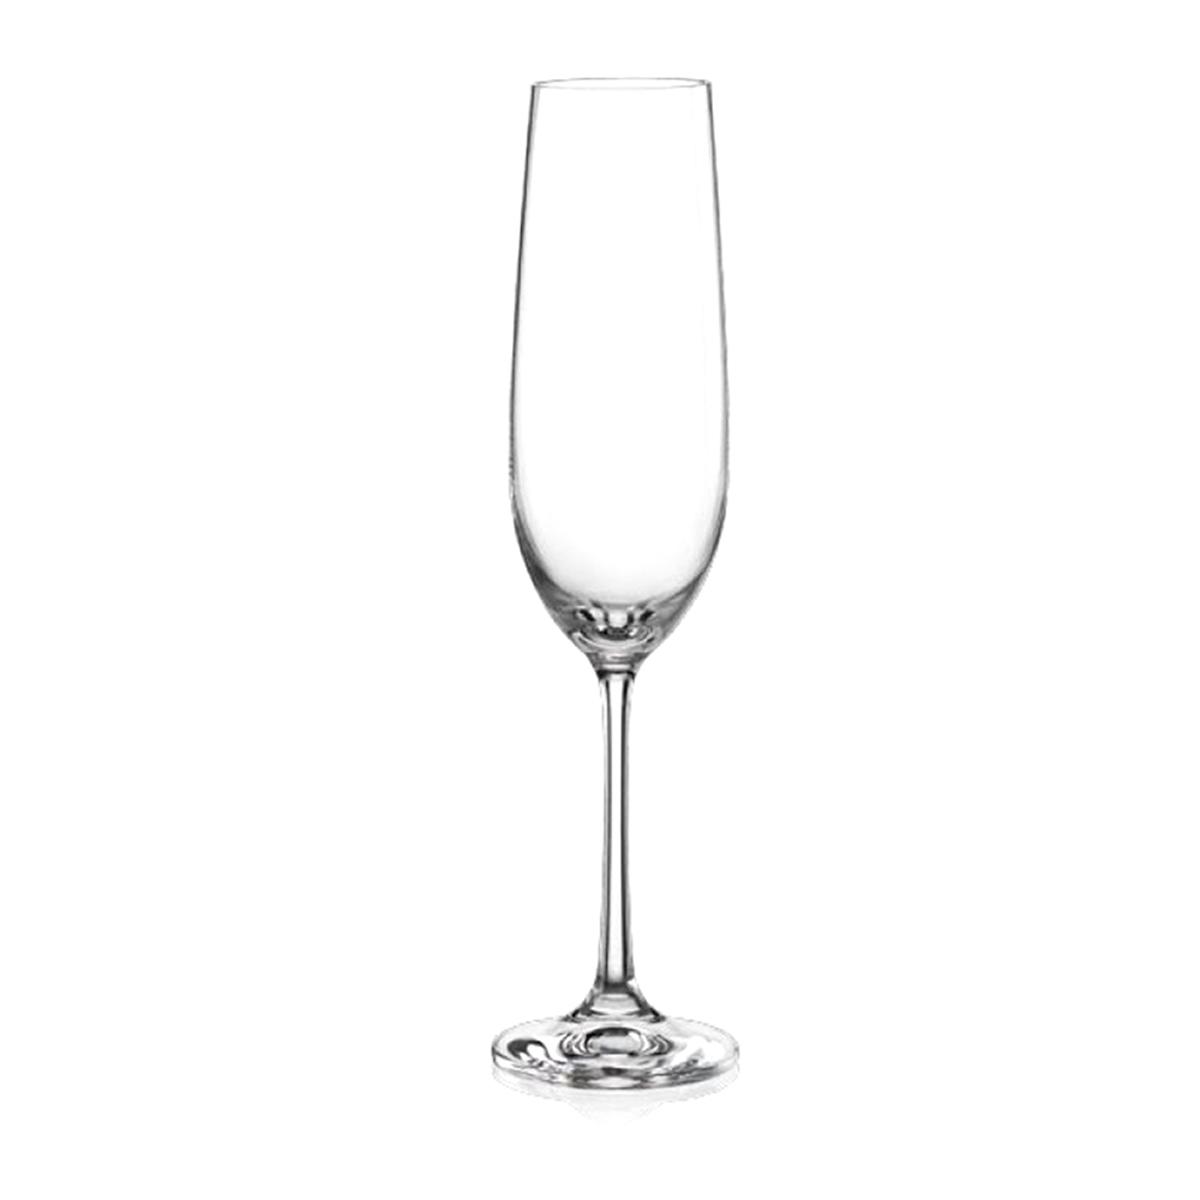 Набор бокалов для шампанского Bohemia Crystal Виола, 190 мл, 6 шт. 40729/190 rostok visa набор для выращивания виола